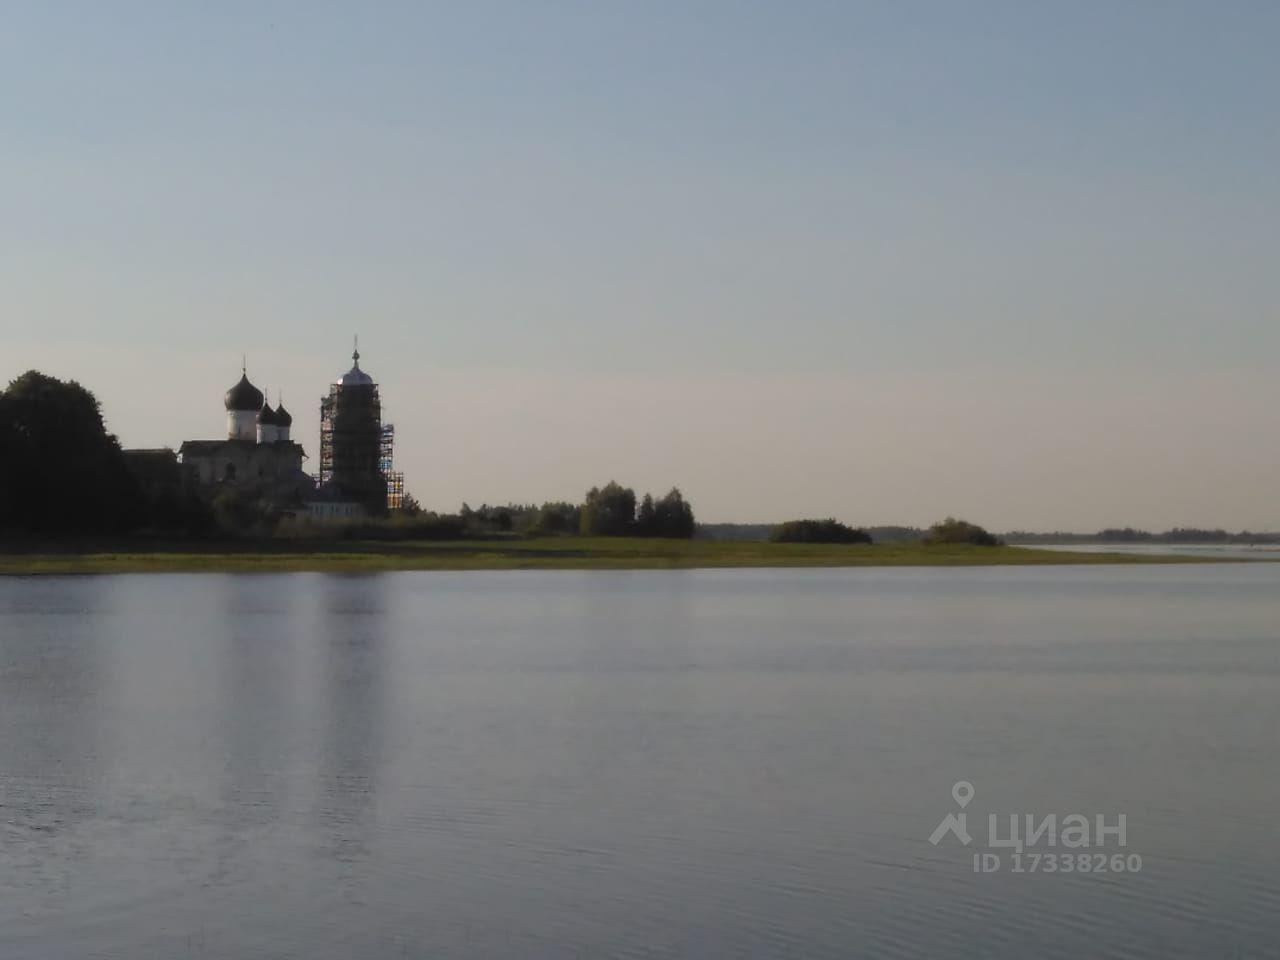 д хотяж новгородская область фото скрипкина